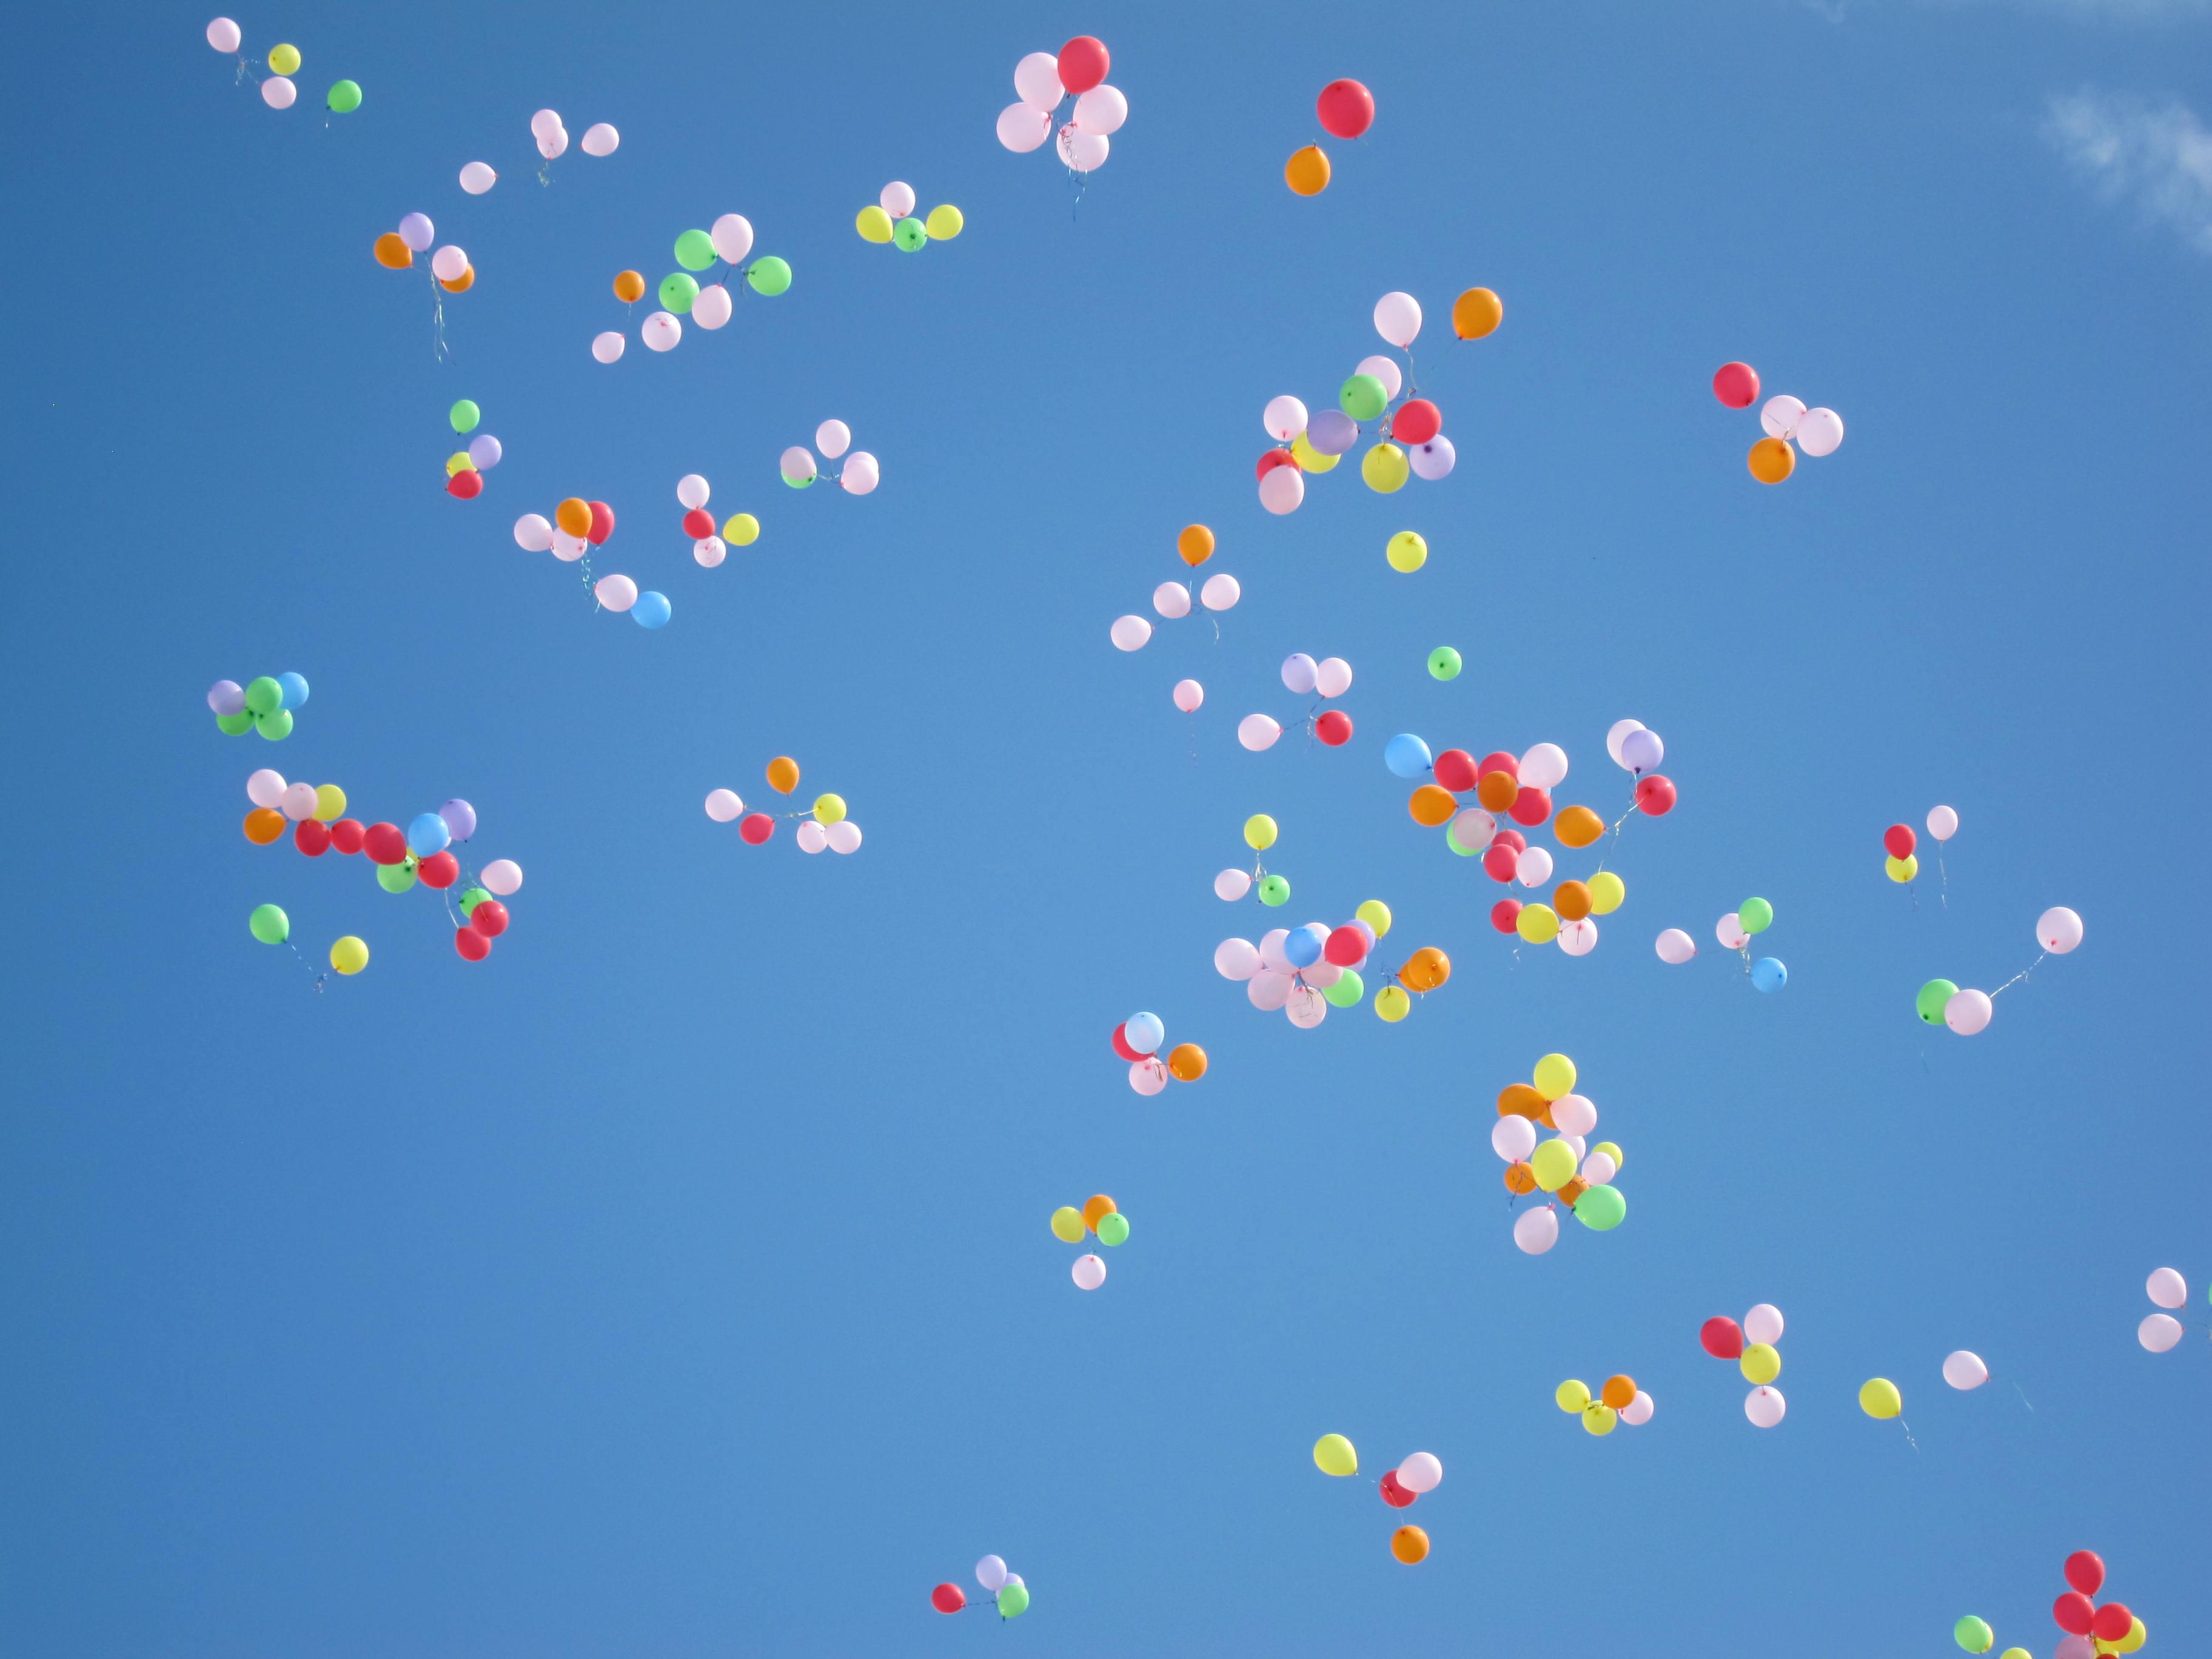 globos de distintos colores volando en el aire